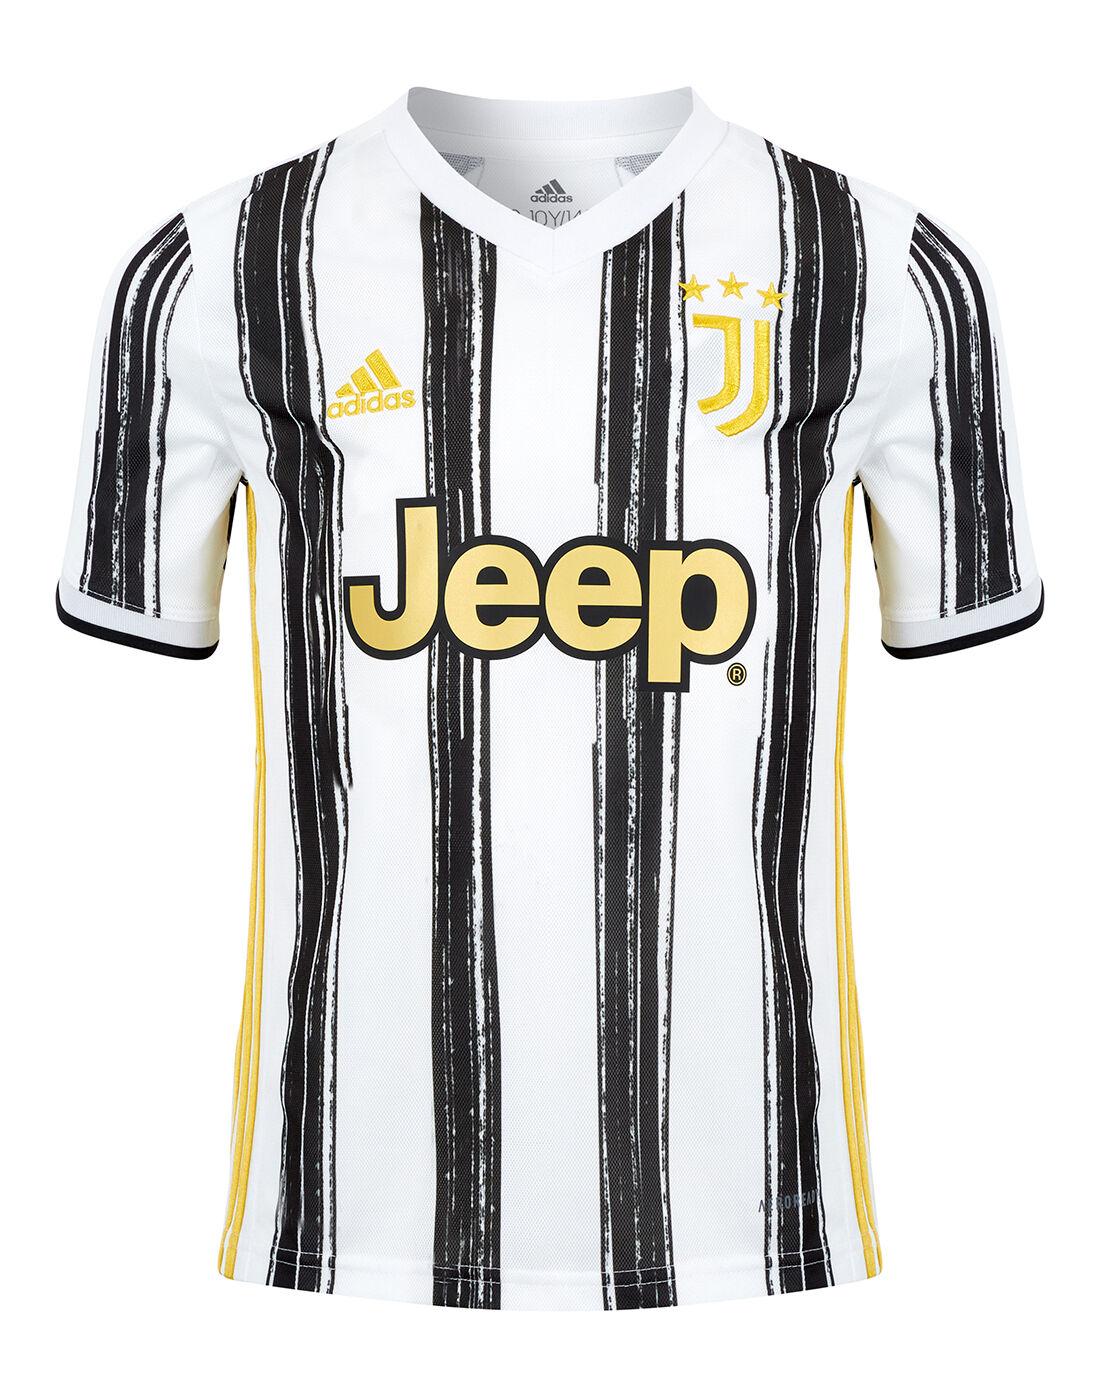 adidas Kids Juventus 20/21 Home Jersey - White | Life Style ...